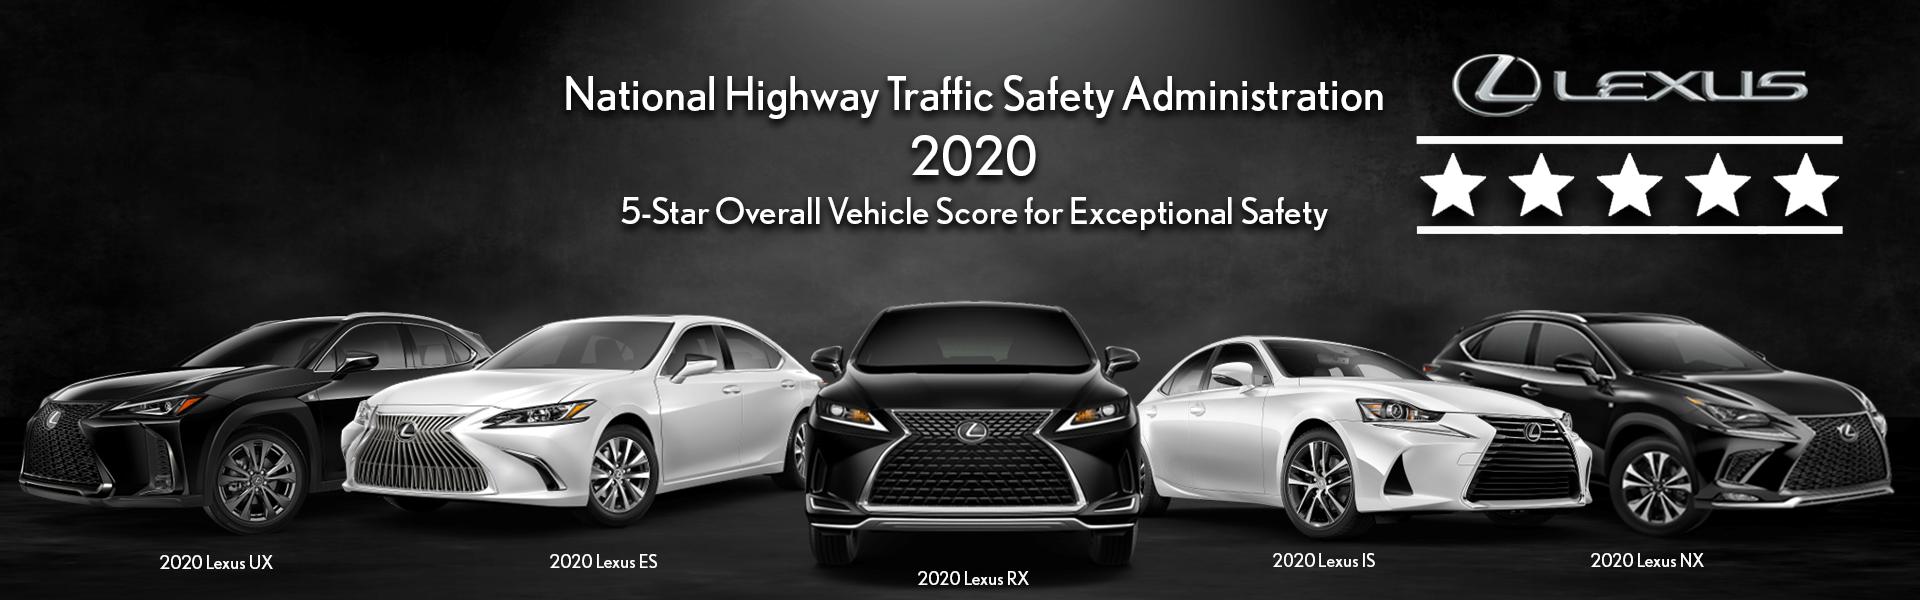 NHTSA-Five-Star-Safety-2020-optimzed